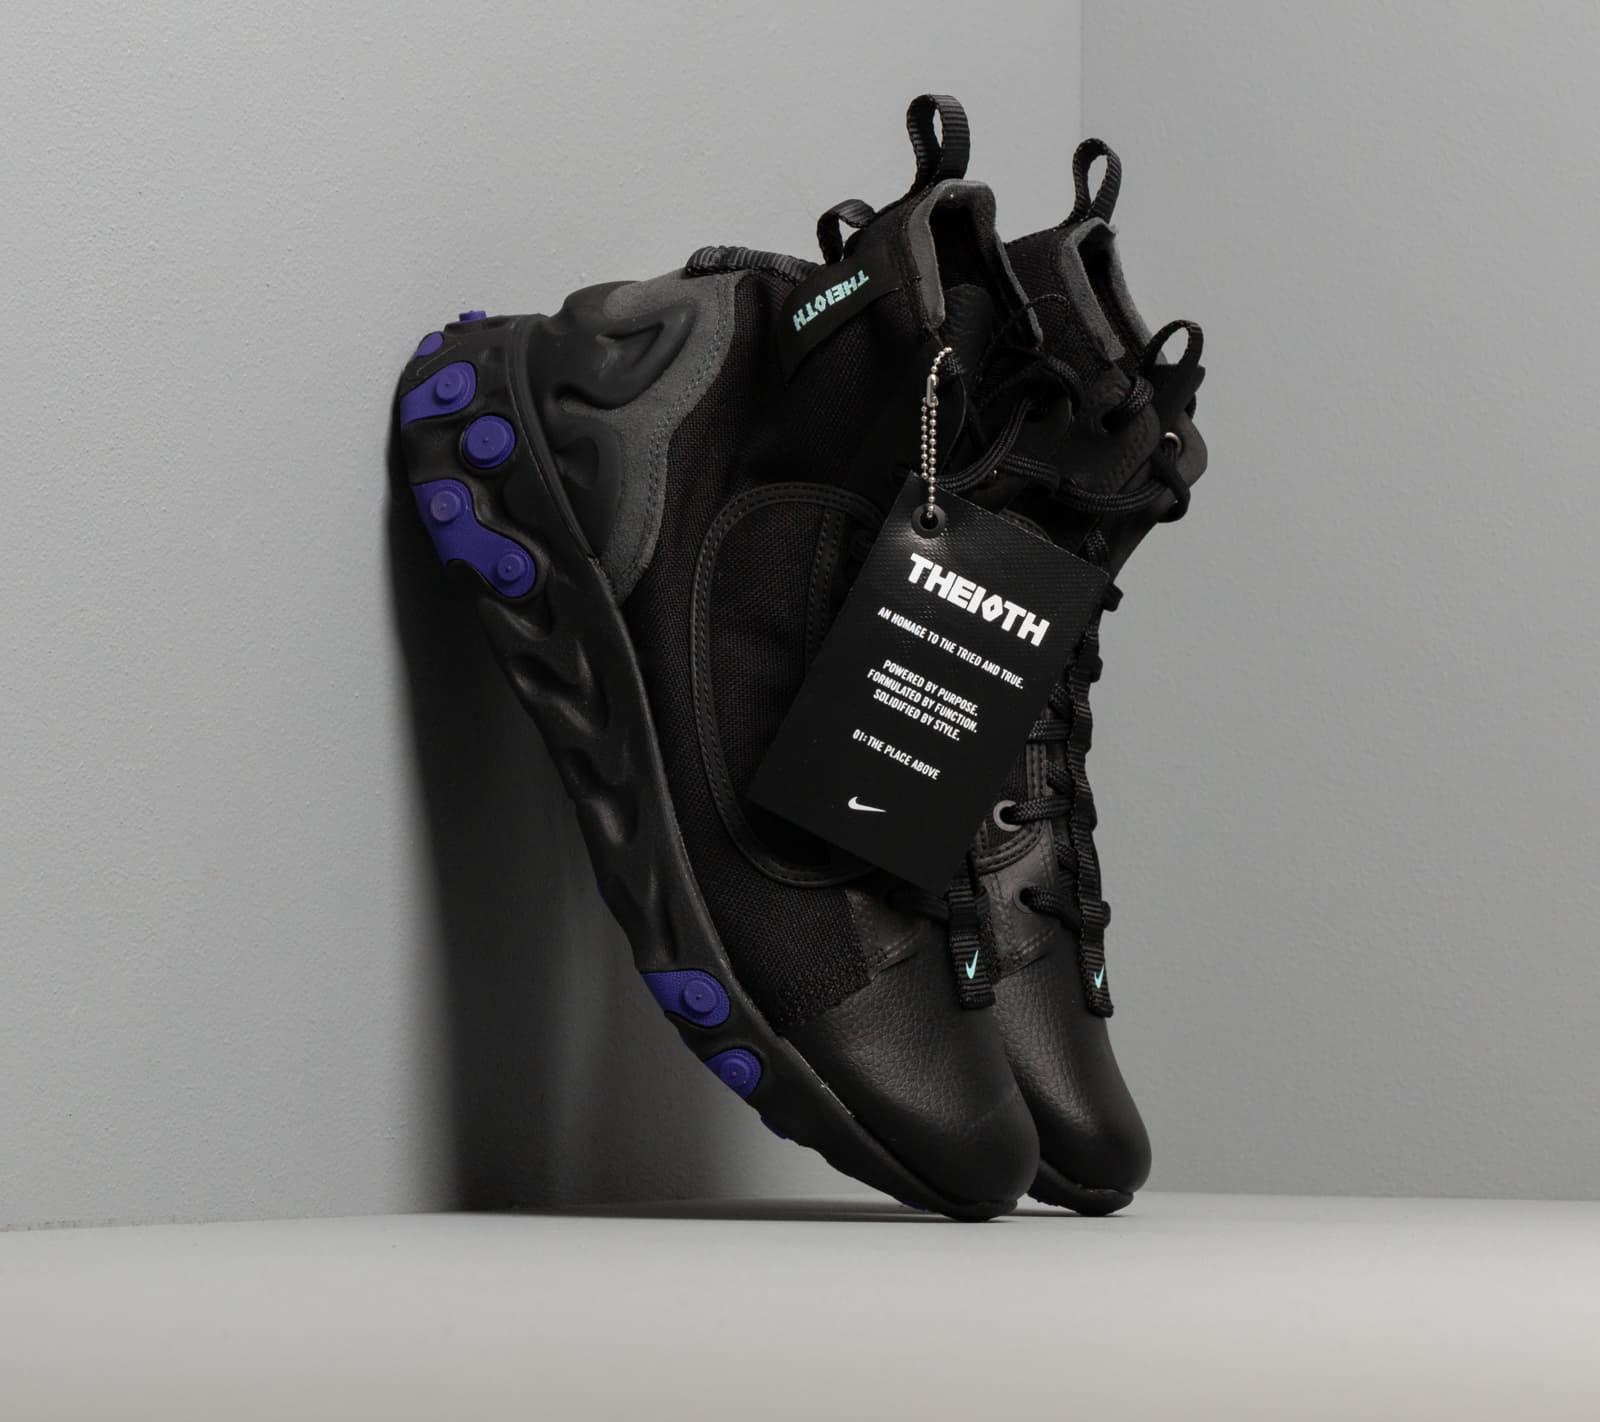 Nike React Ianga Black/ Light Aqua-Anthracite-Court Purple EUR 43